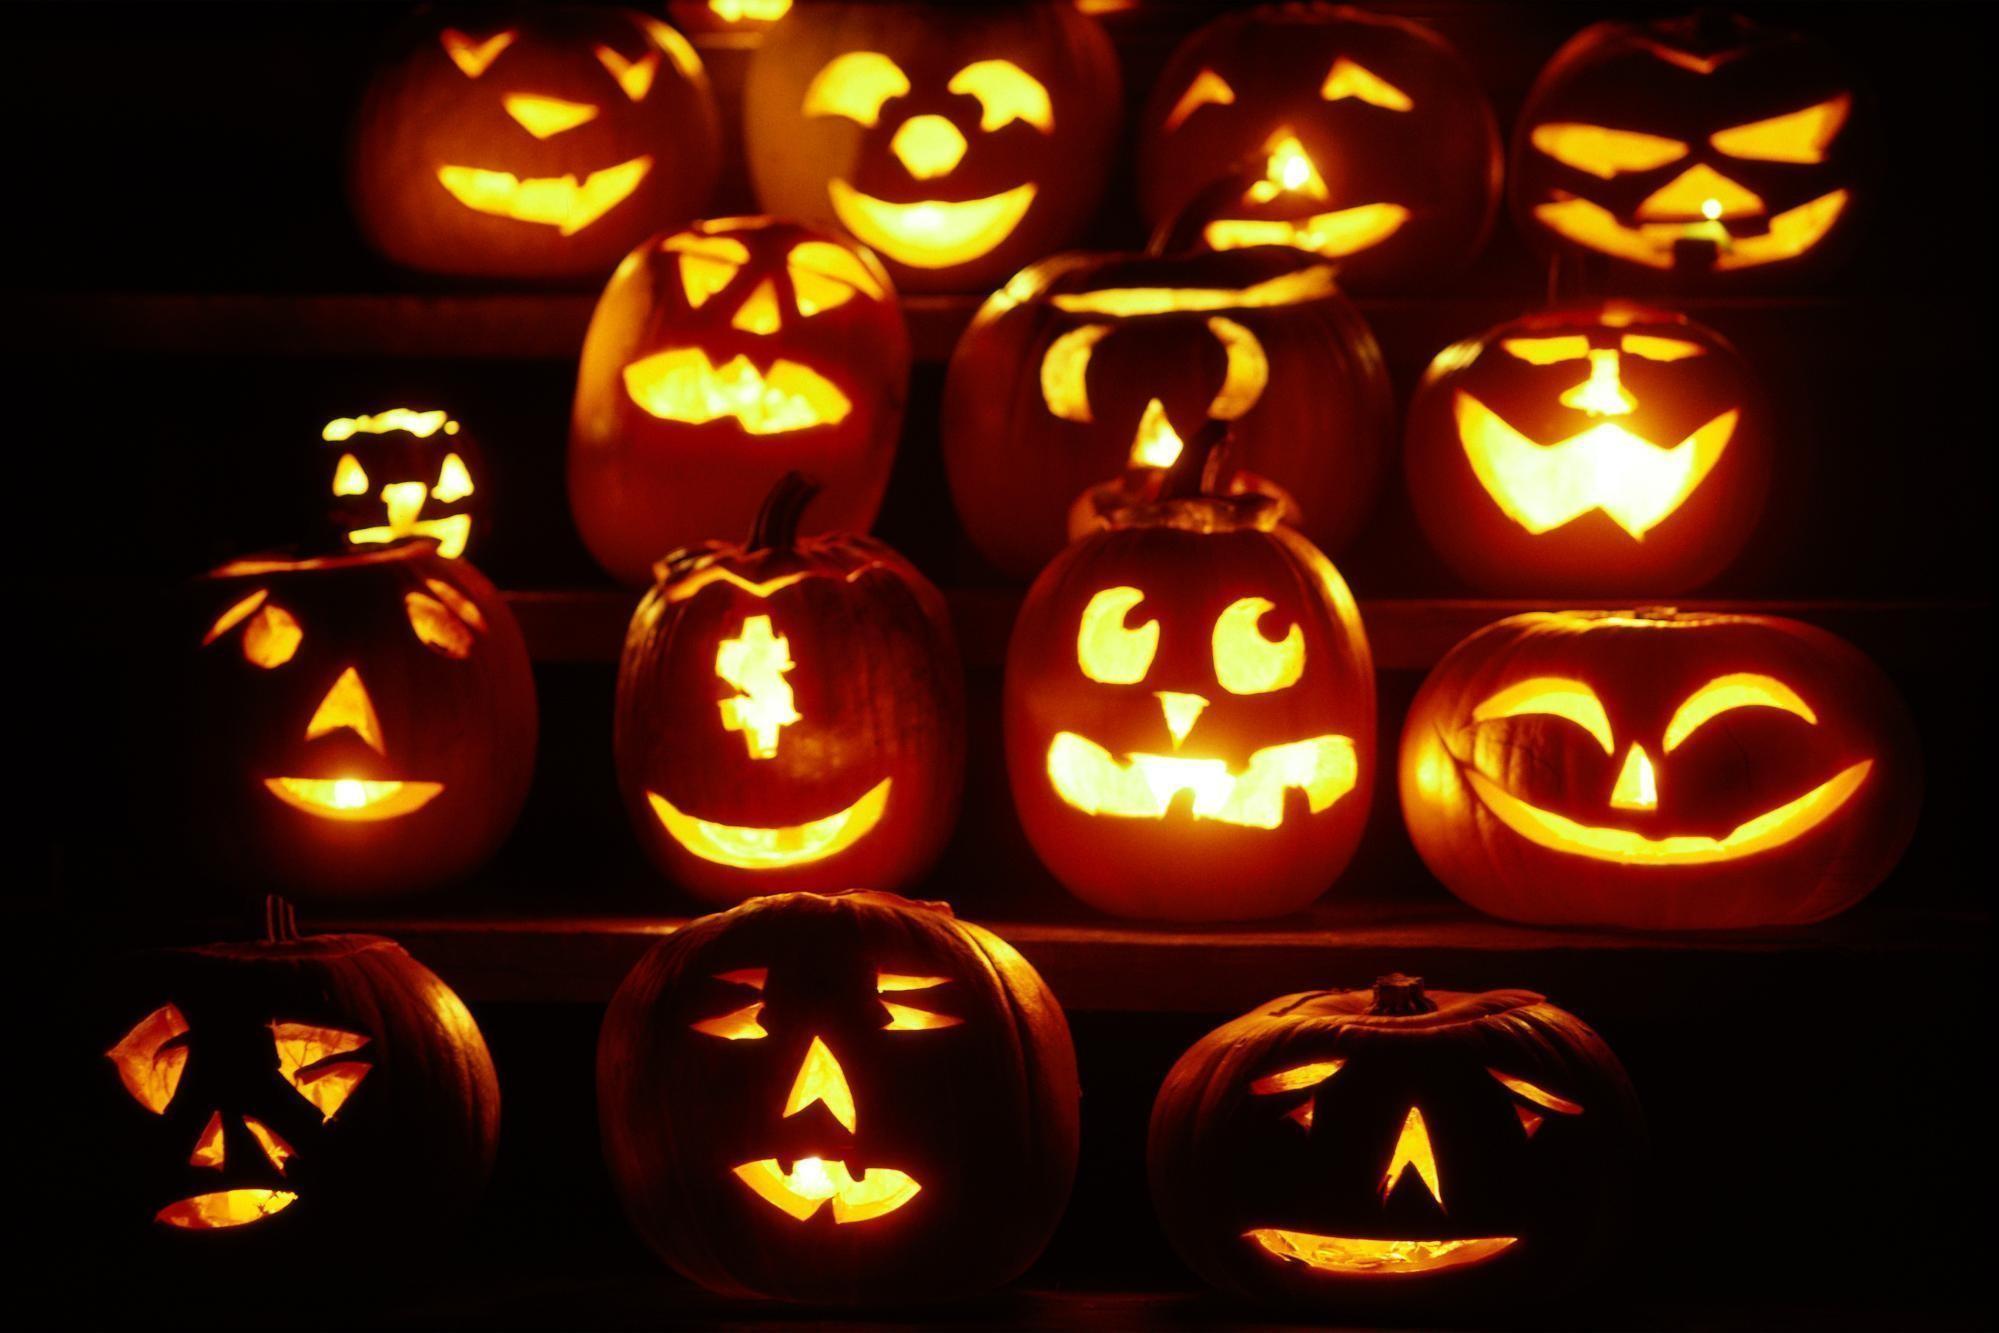 Halloween Pumpkin Wallpaper Iphone.Pumpkin Wallpaper Backgrounds Wallpapertag